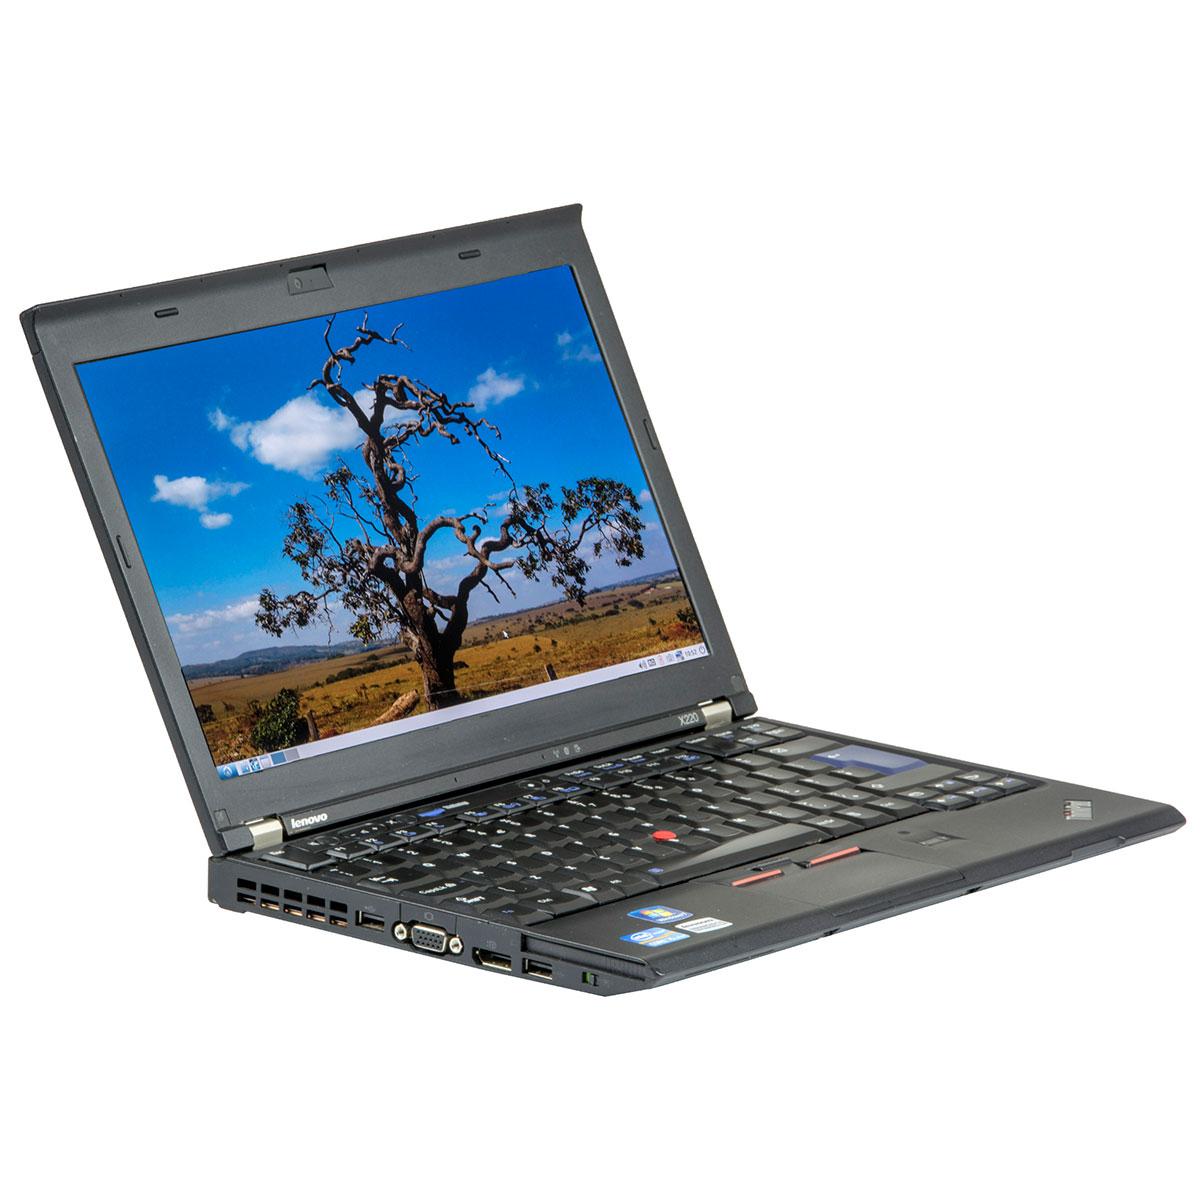 Lenovo Thinkpad X220 12.5 Led Backlit Intel Core I